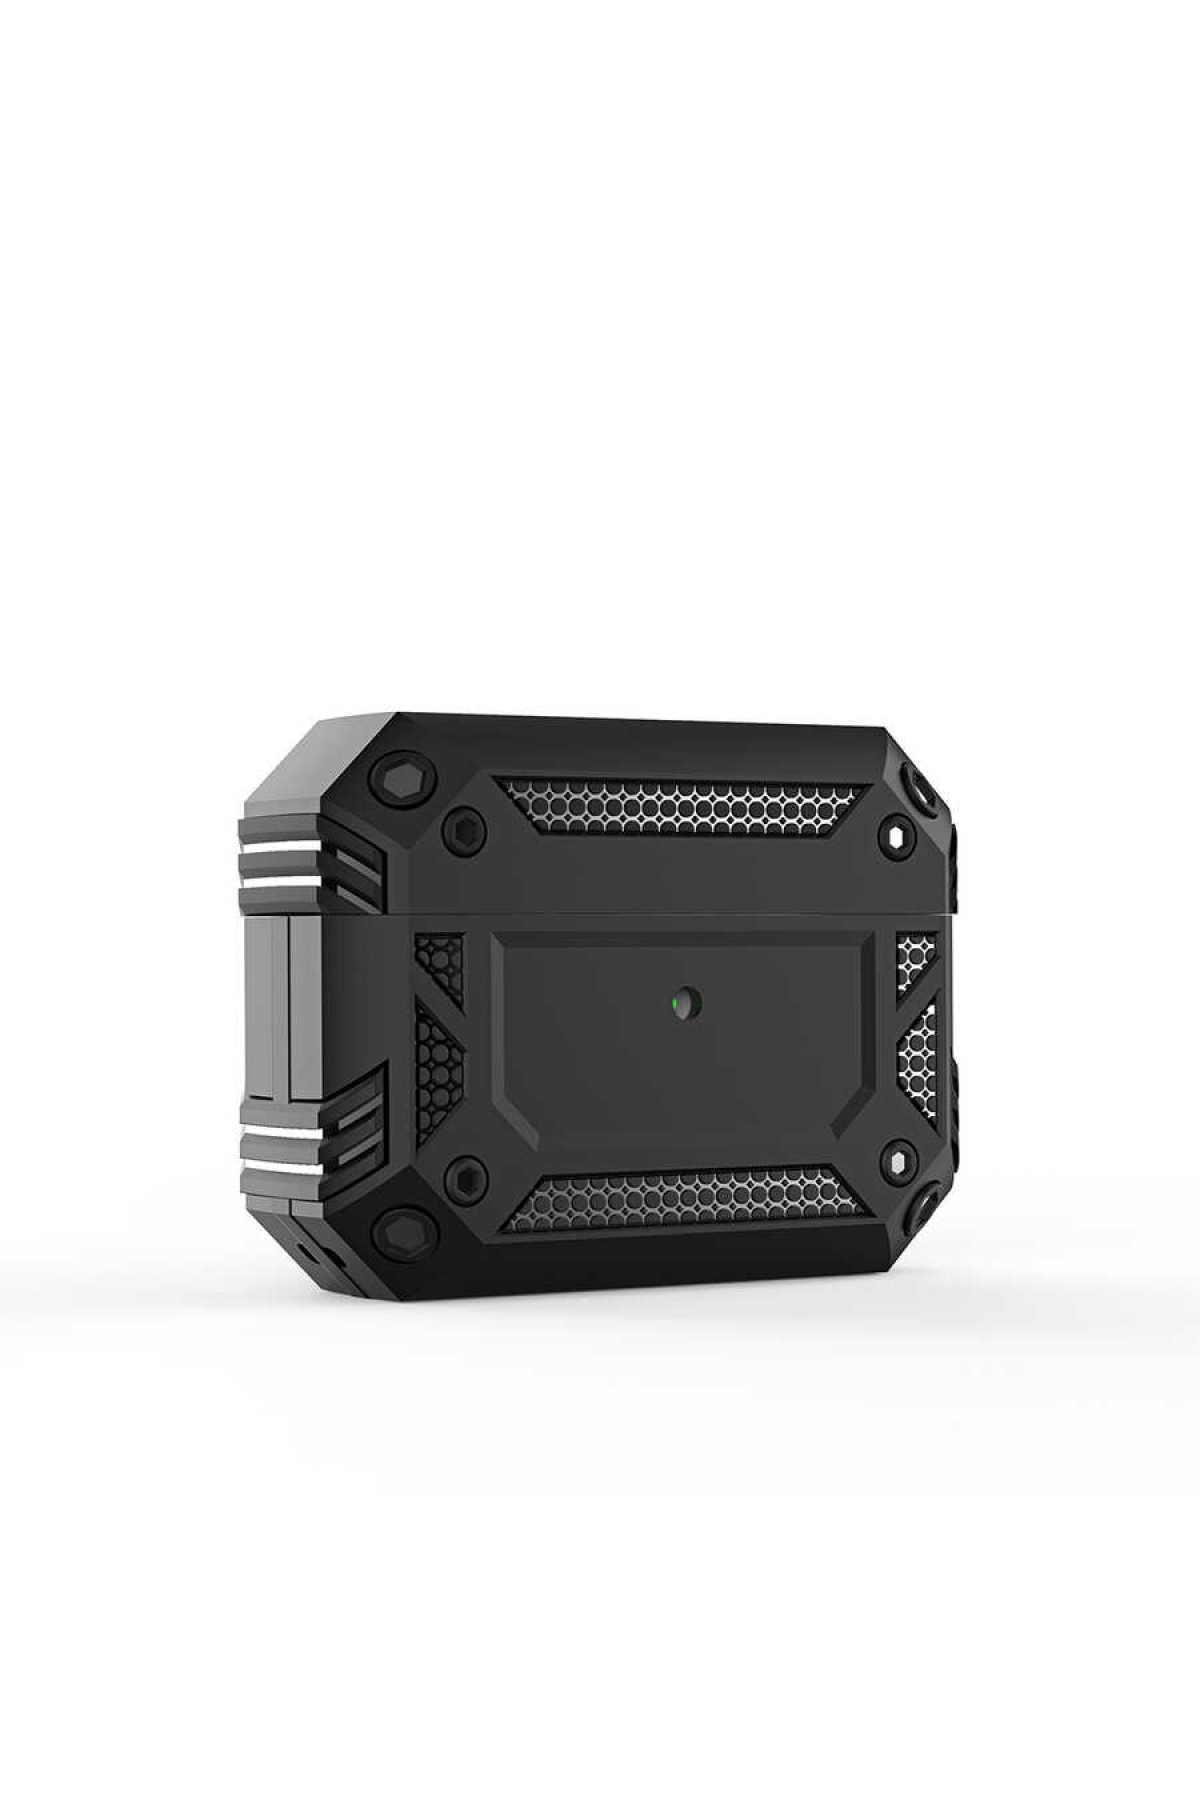 zore Airpods Pro Uyumlu Kılıf Airbag 15 Zırh Koruma Askılı Şarj Kutusu Koruyucu Siyah 1